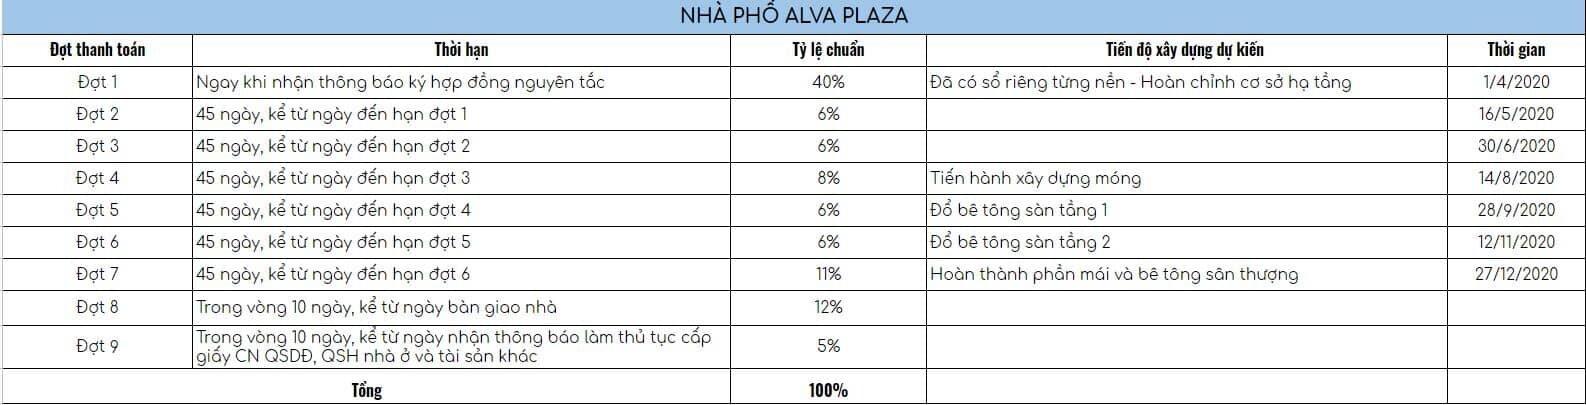 Phương thức thanh toán nhà phố Alva Plaza Thuận An